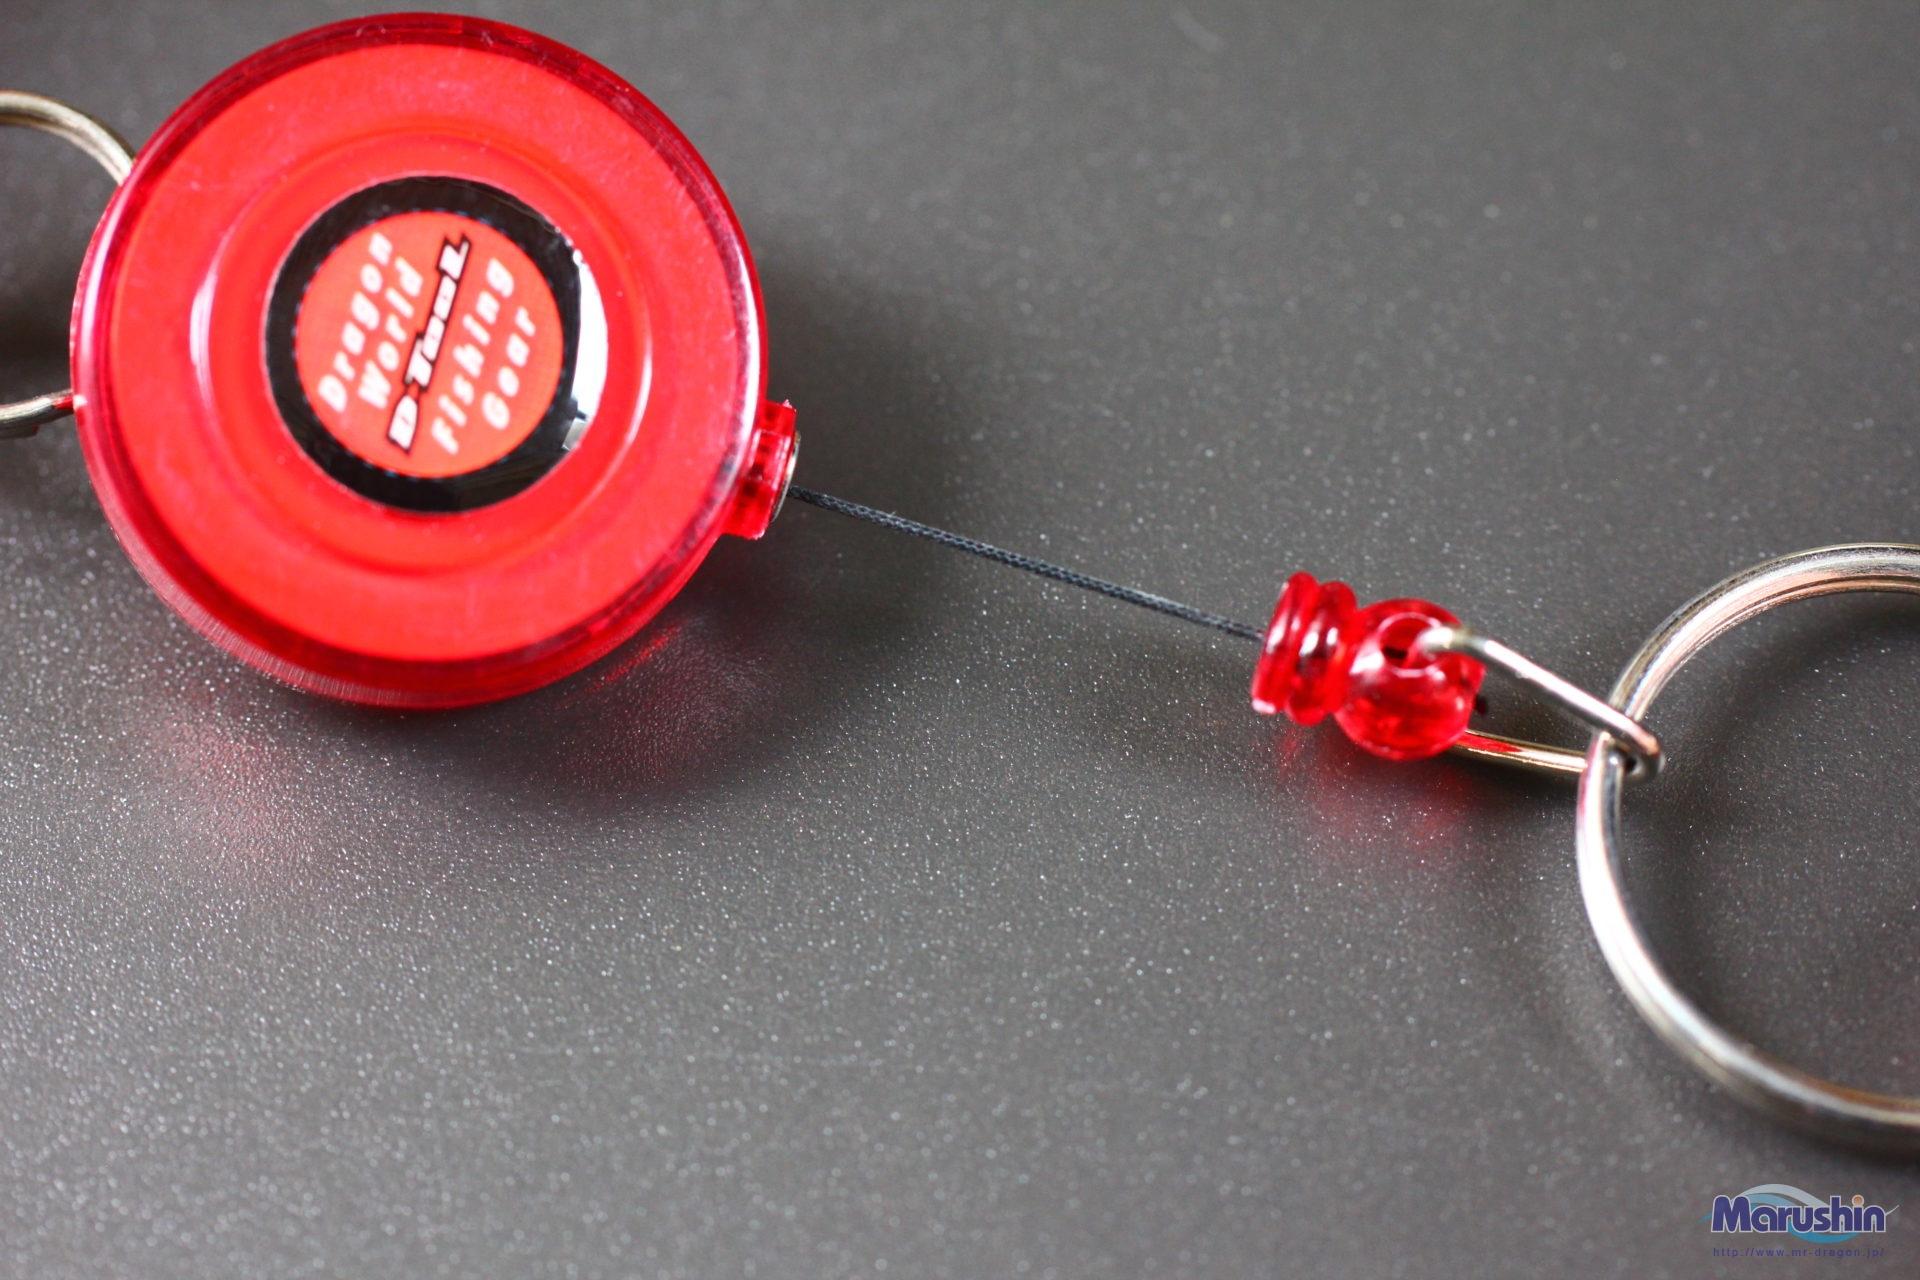 D-TOOL ピンオンリール (Dツール ピンオンリール)イメージ画像